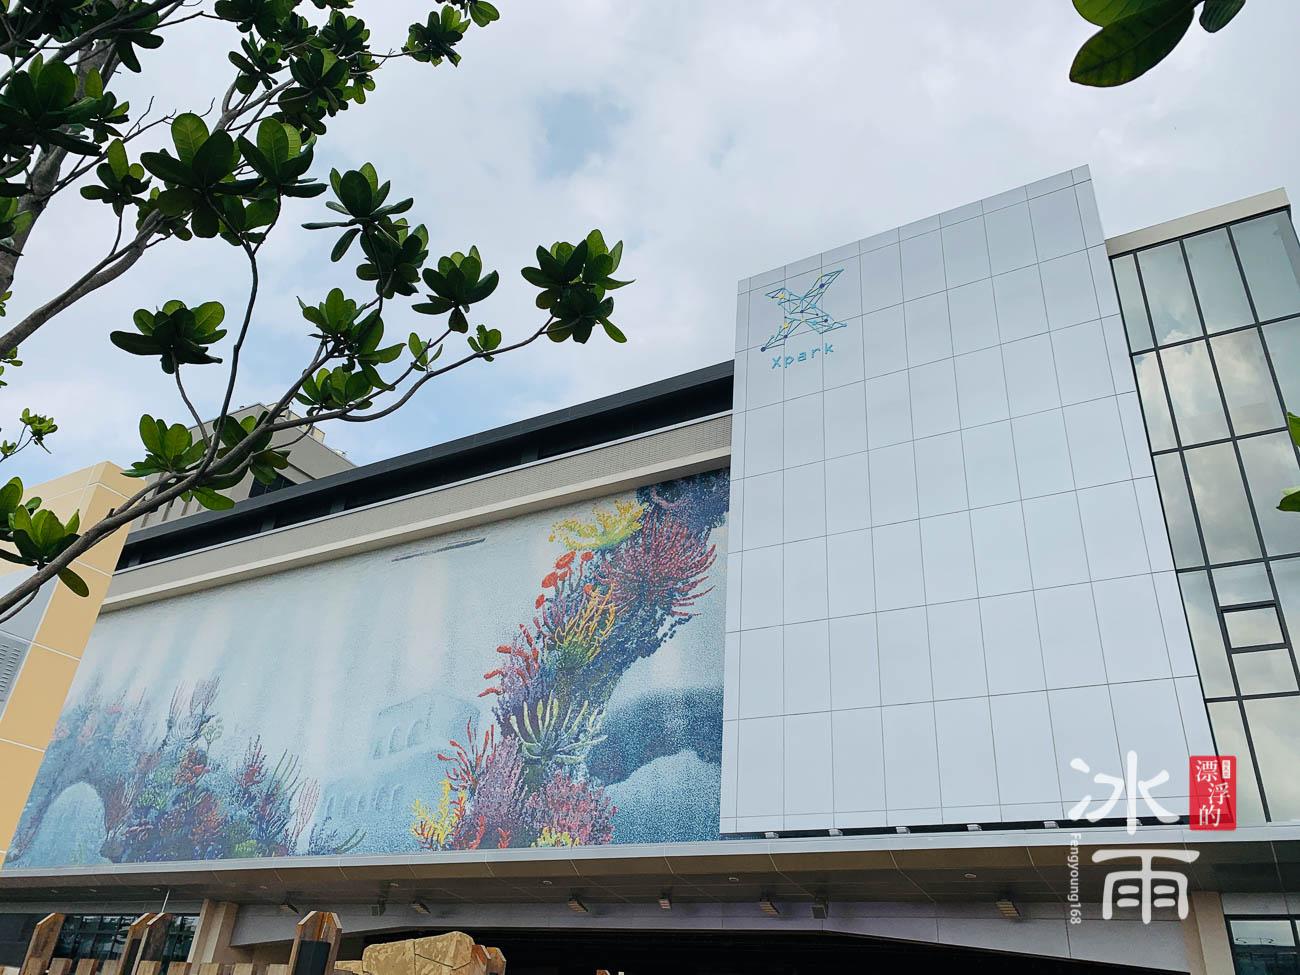 Xpark水族館|外牆漂亮的馬賽克